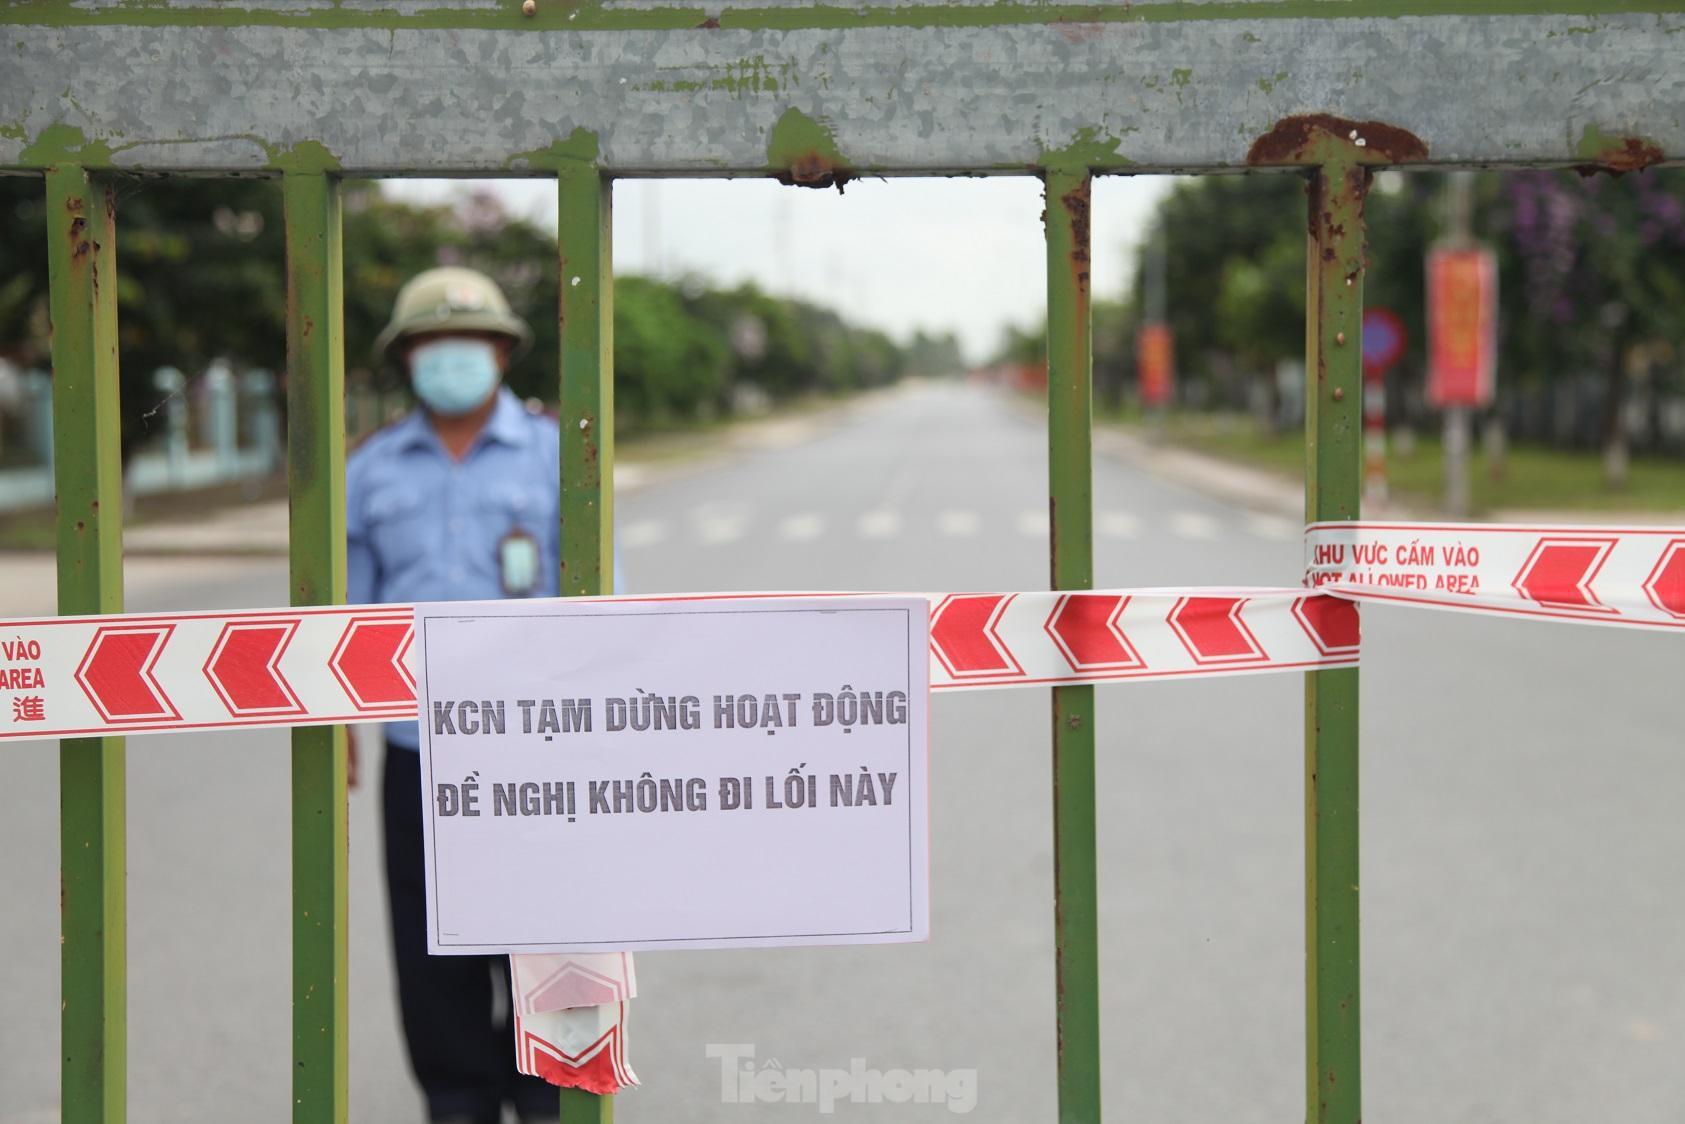 Các doanh nghiệp, khu công nghiệp đóng cửa tạm thời